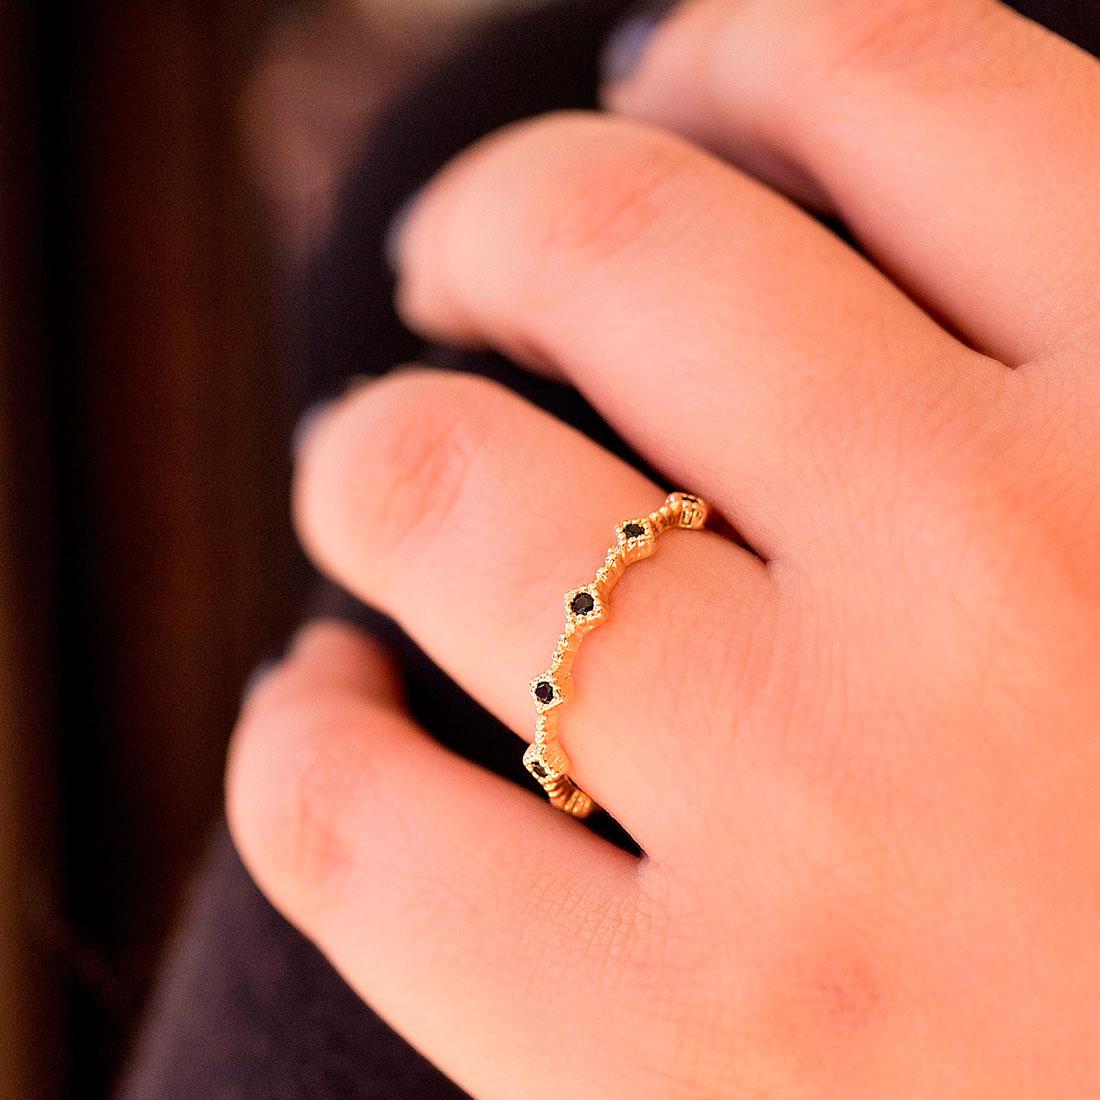 Anel Fino Dourado com Pedras Pretas Banhado a Ouro 18k